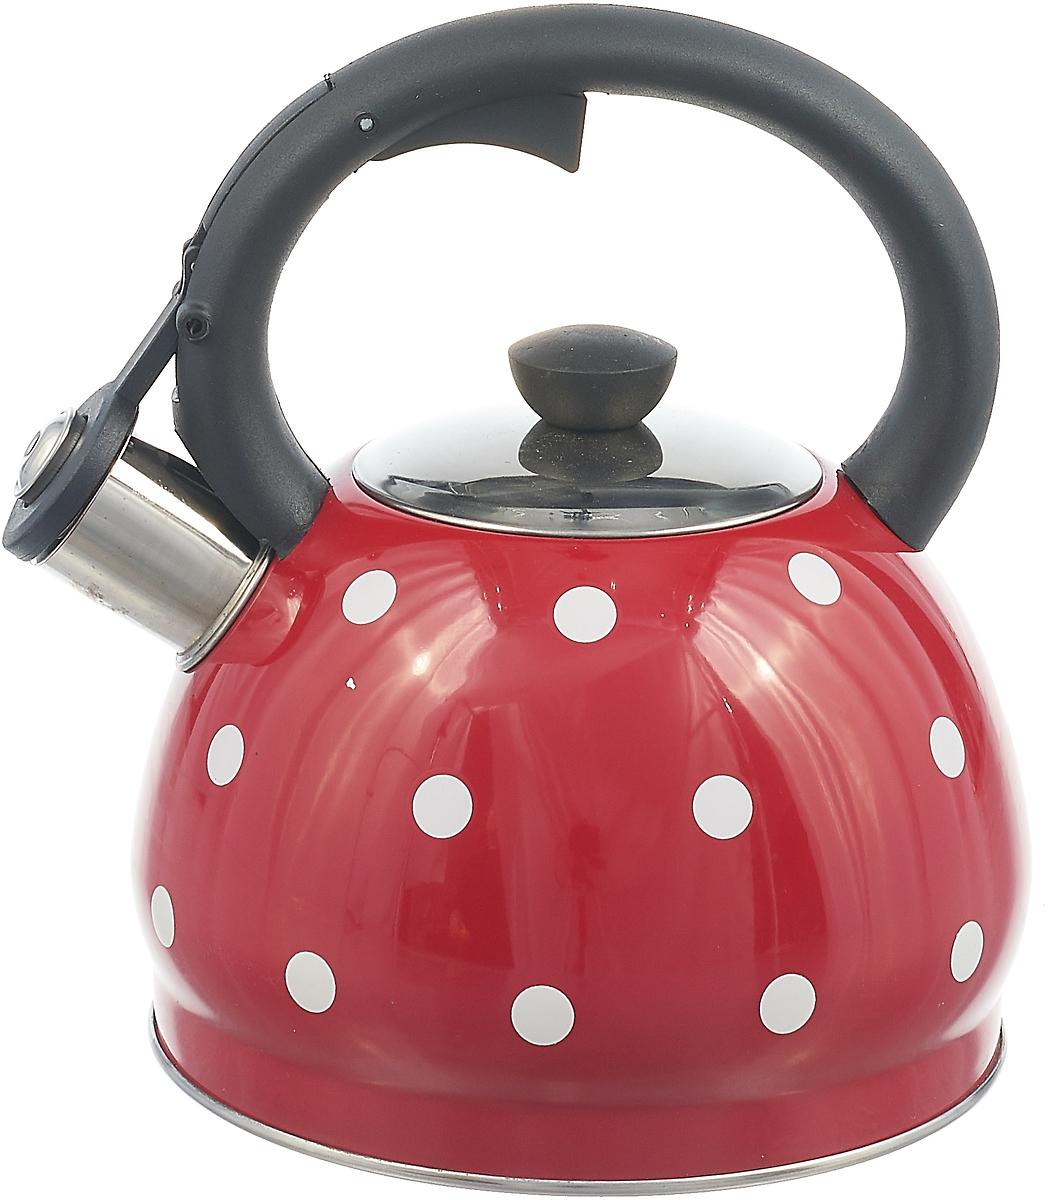 Чайник Rainstahl, со свистком, цвет: красный, белый, 2 л отделитель вишневых косточек rainstahl цвет белый красный